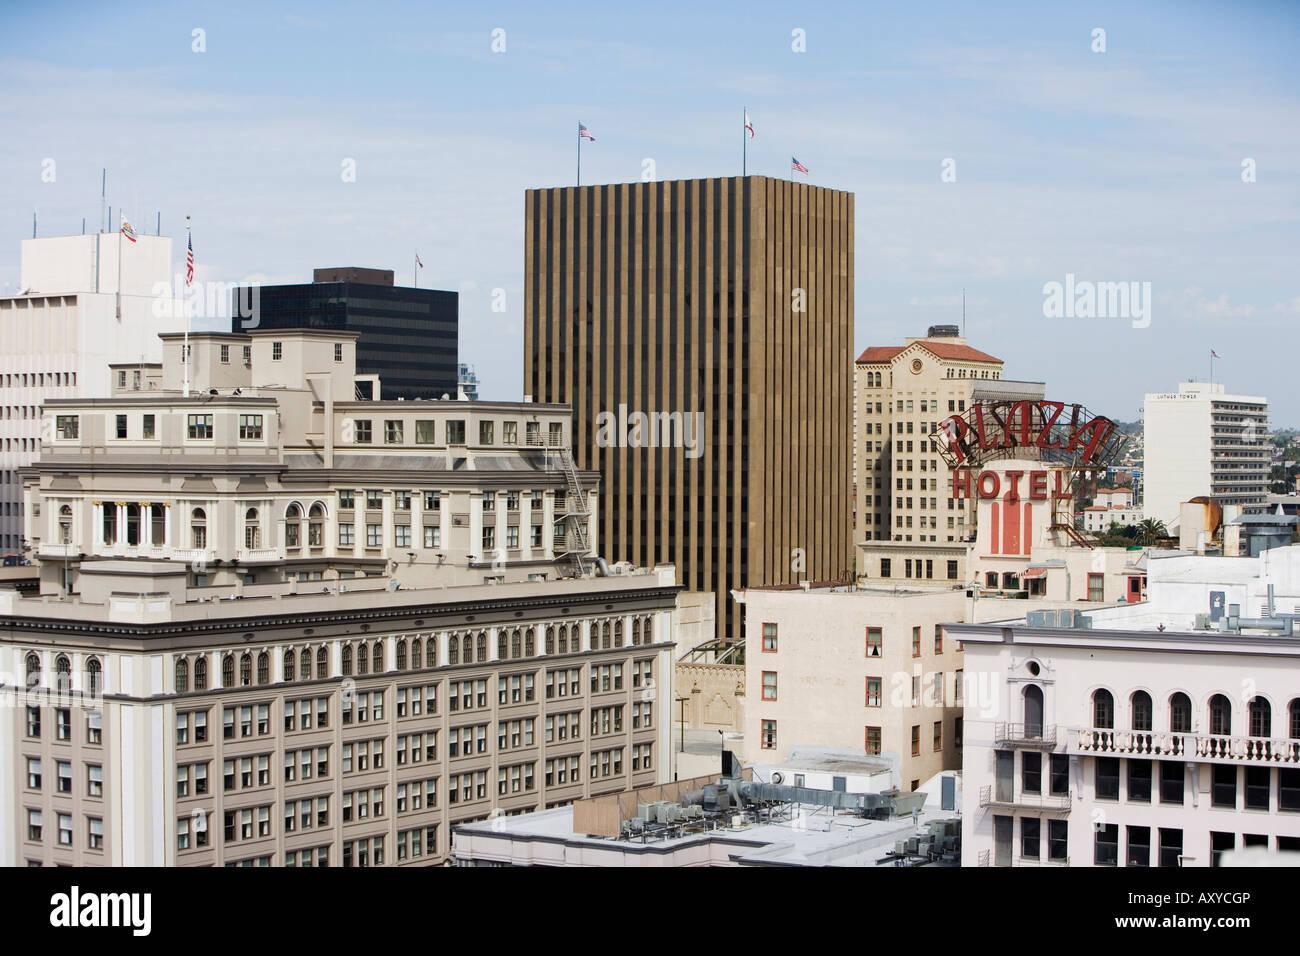 Dächer von San Diego, Kalifornien, Vereinigte Staaten von Amerika, Nordamerika Stockfoto